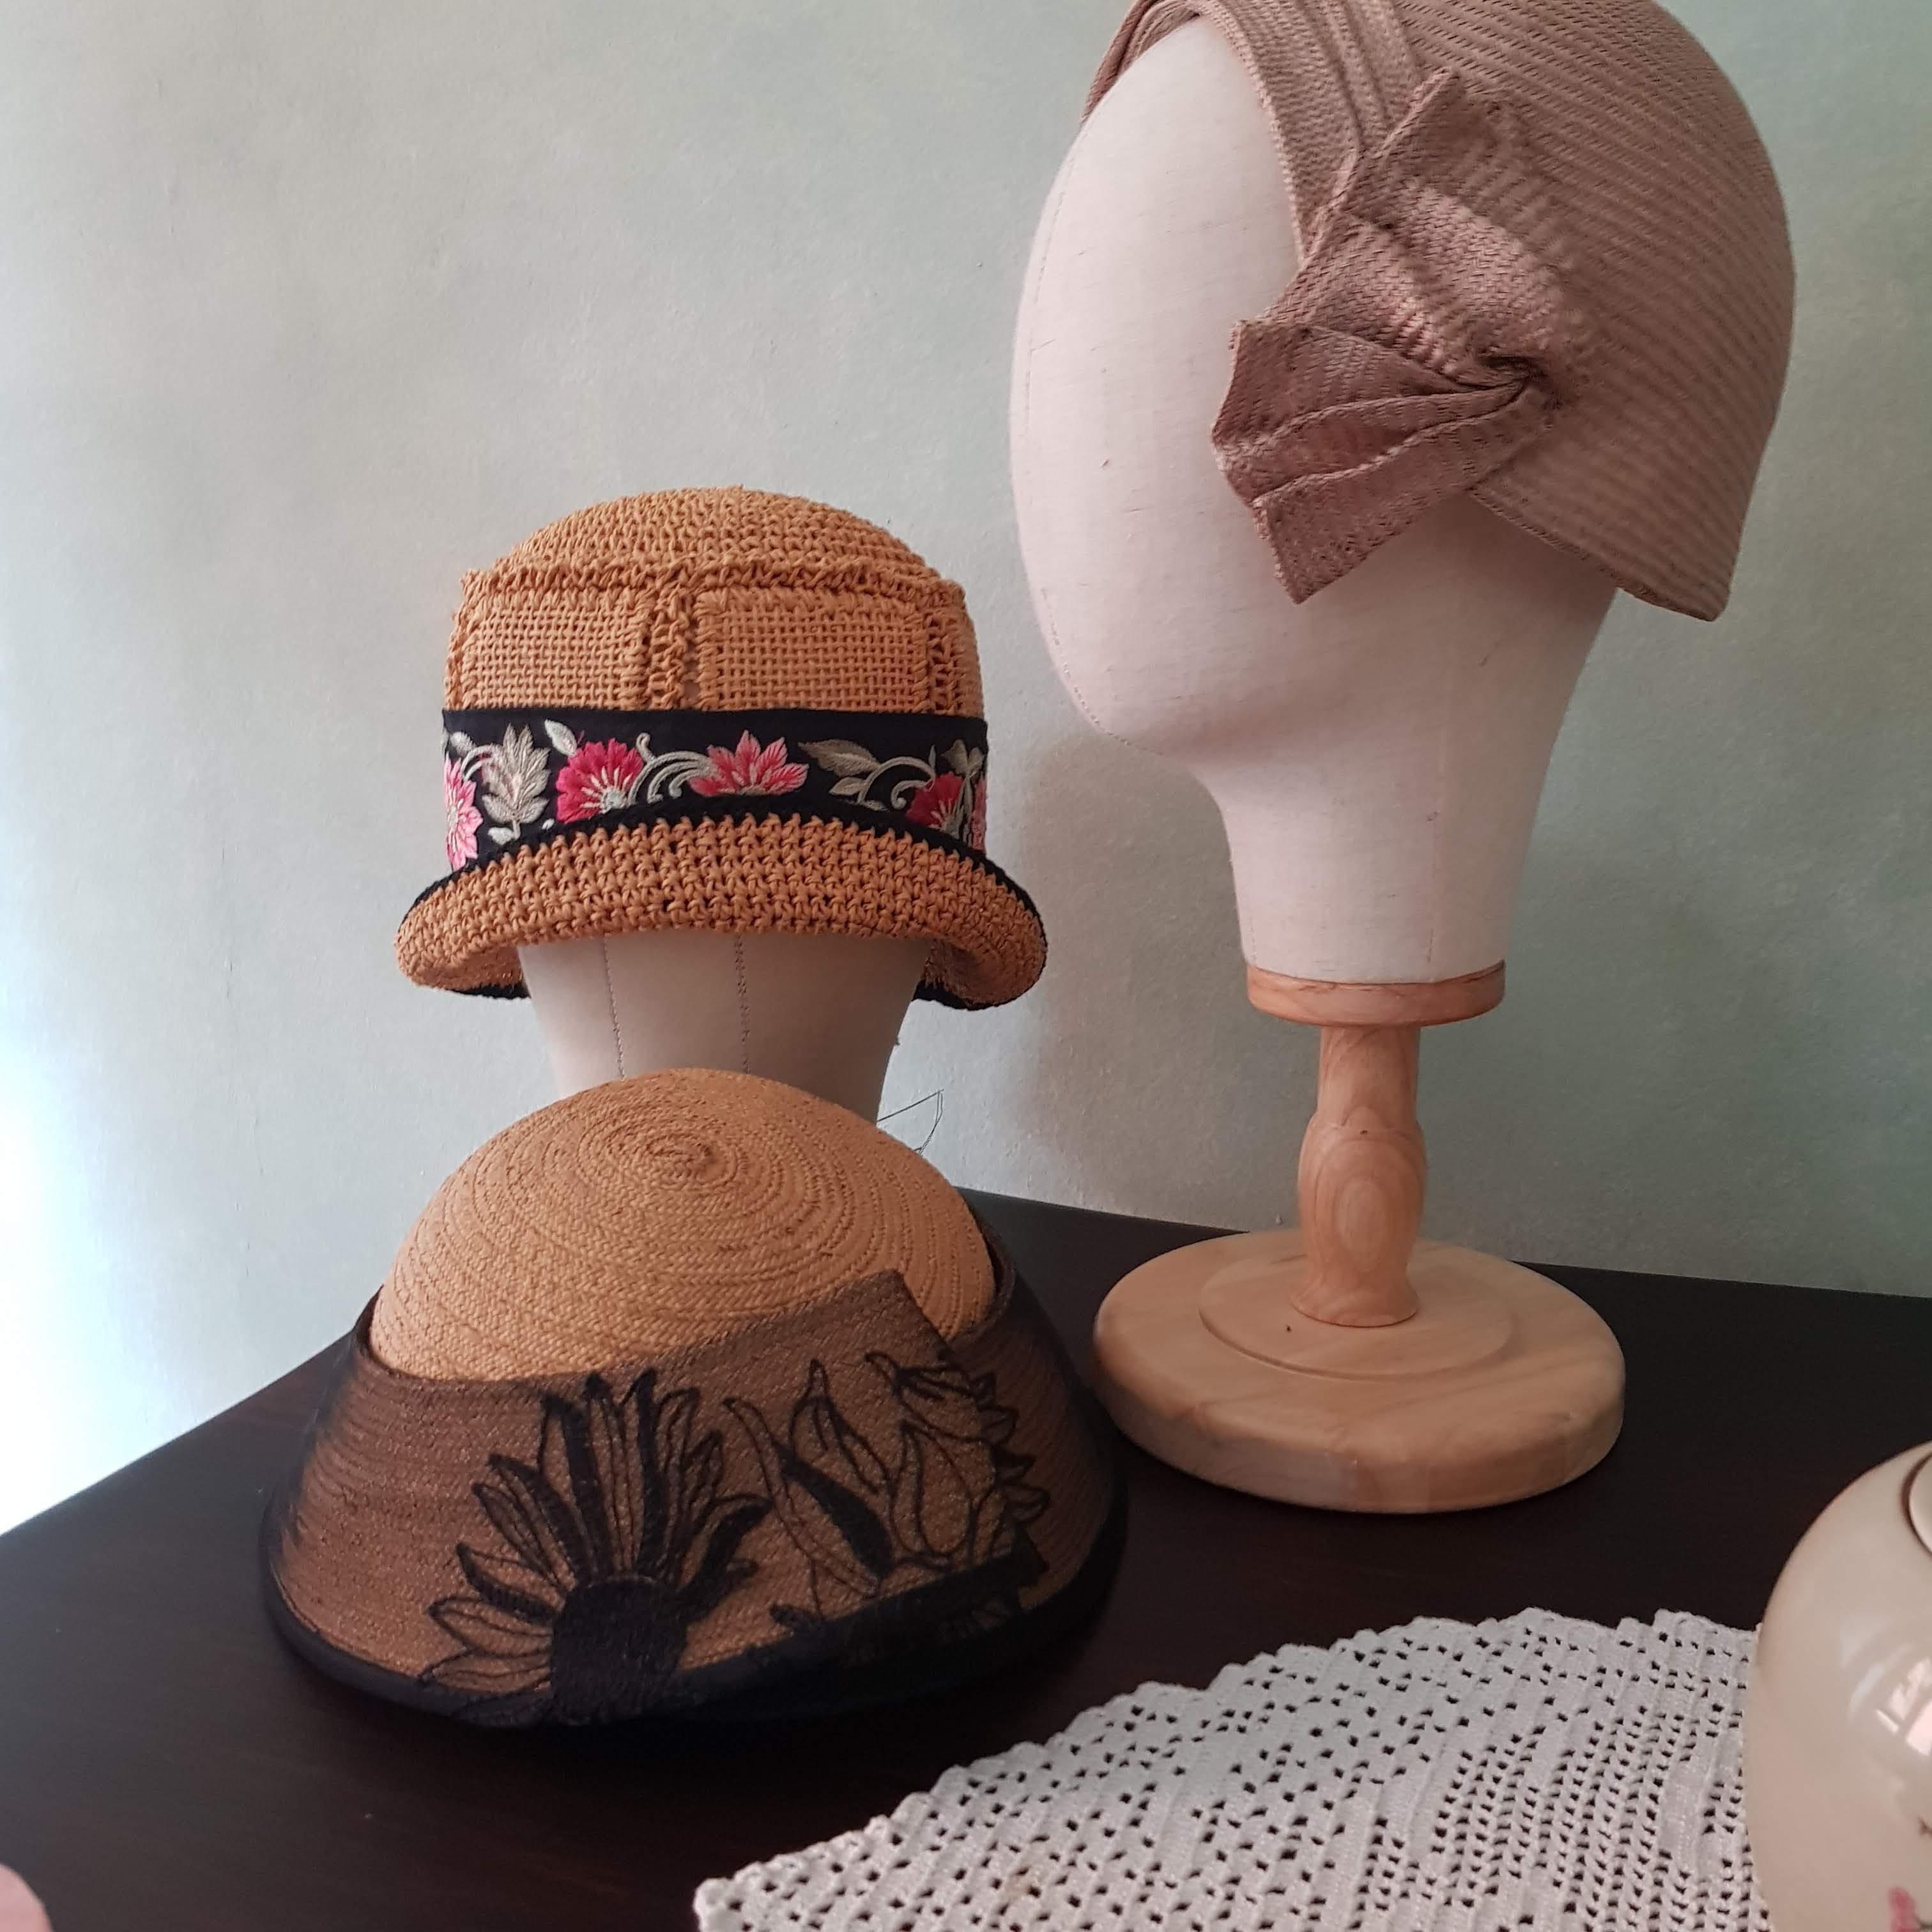 cappelli e accessori femminili d'ispirazione vintage udine, milano, roma, vienna